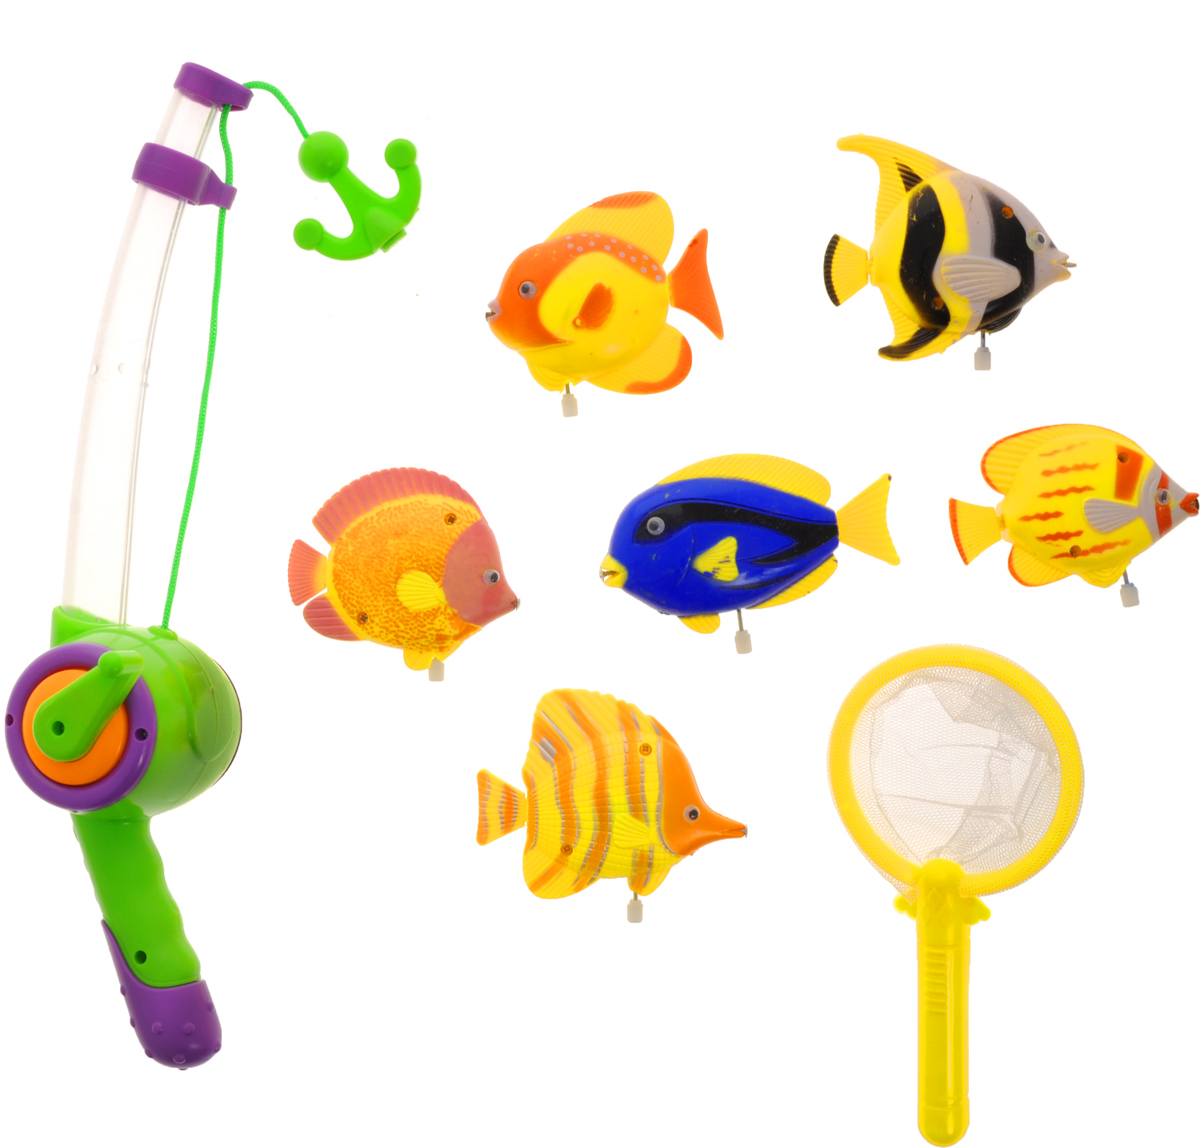 Играем вместе Игрушка для ванной Рыбалка Маша и Медведь цвет удочки салатовый фиолетовый игрушка для животных каскад удочка с микки маусом 47 см